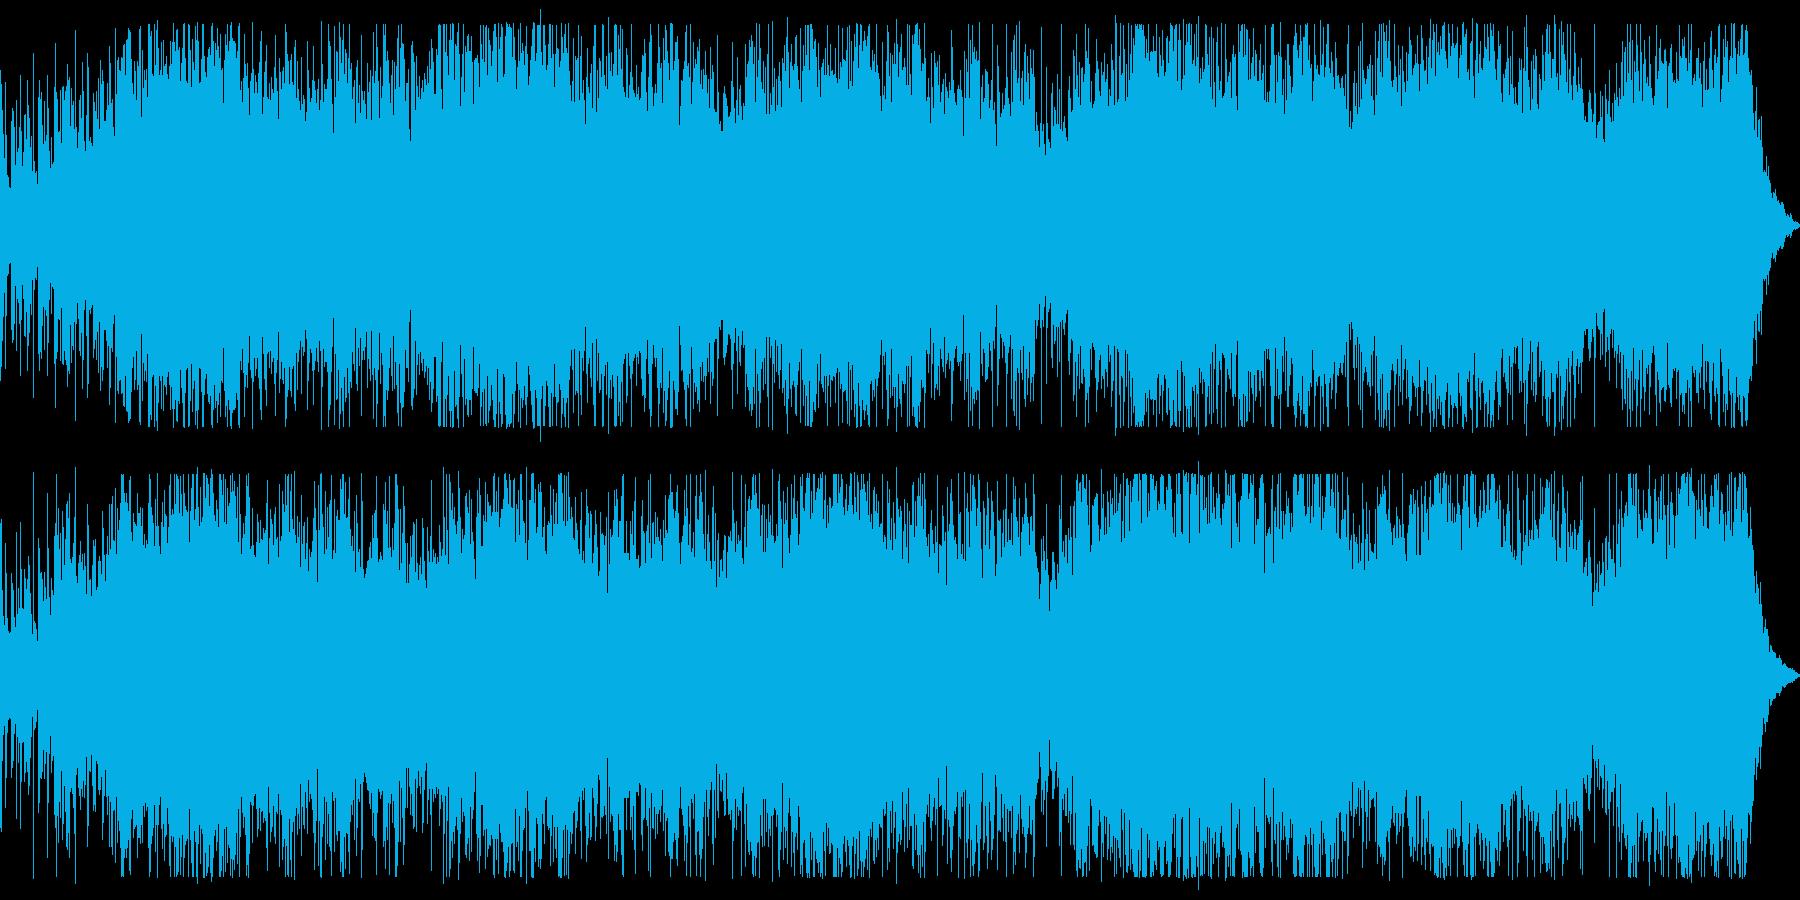 ダークなシーン向けベースとパーカッションの再生済みの波形